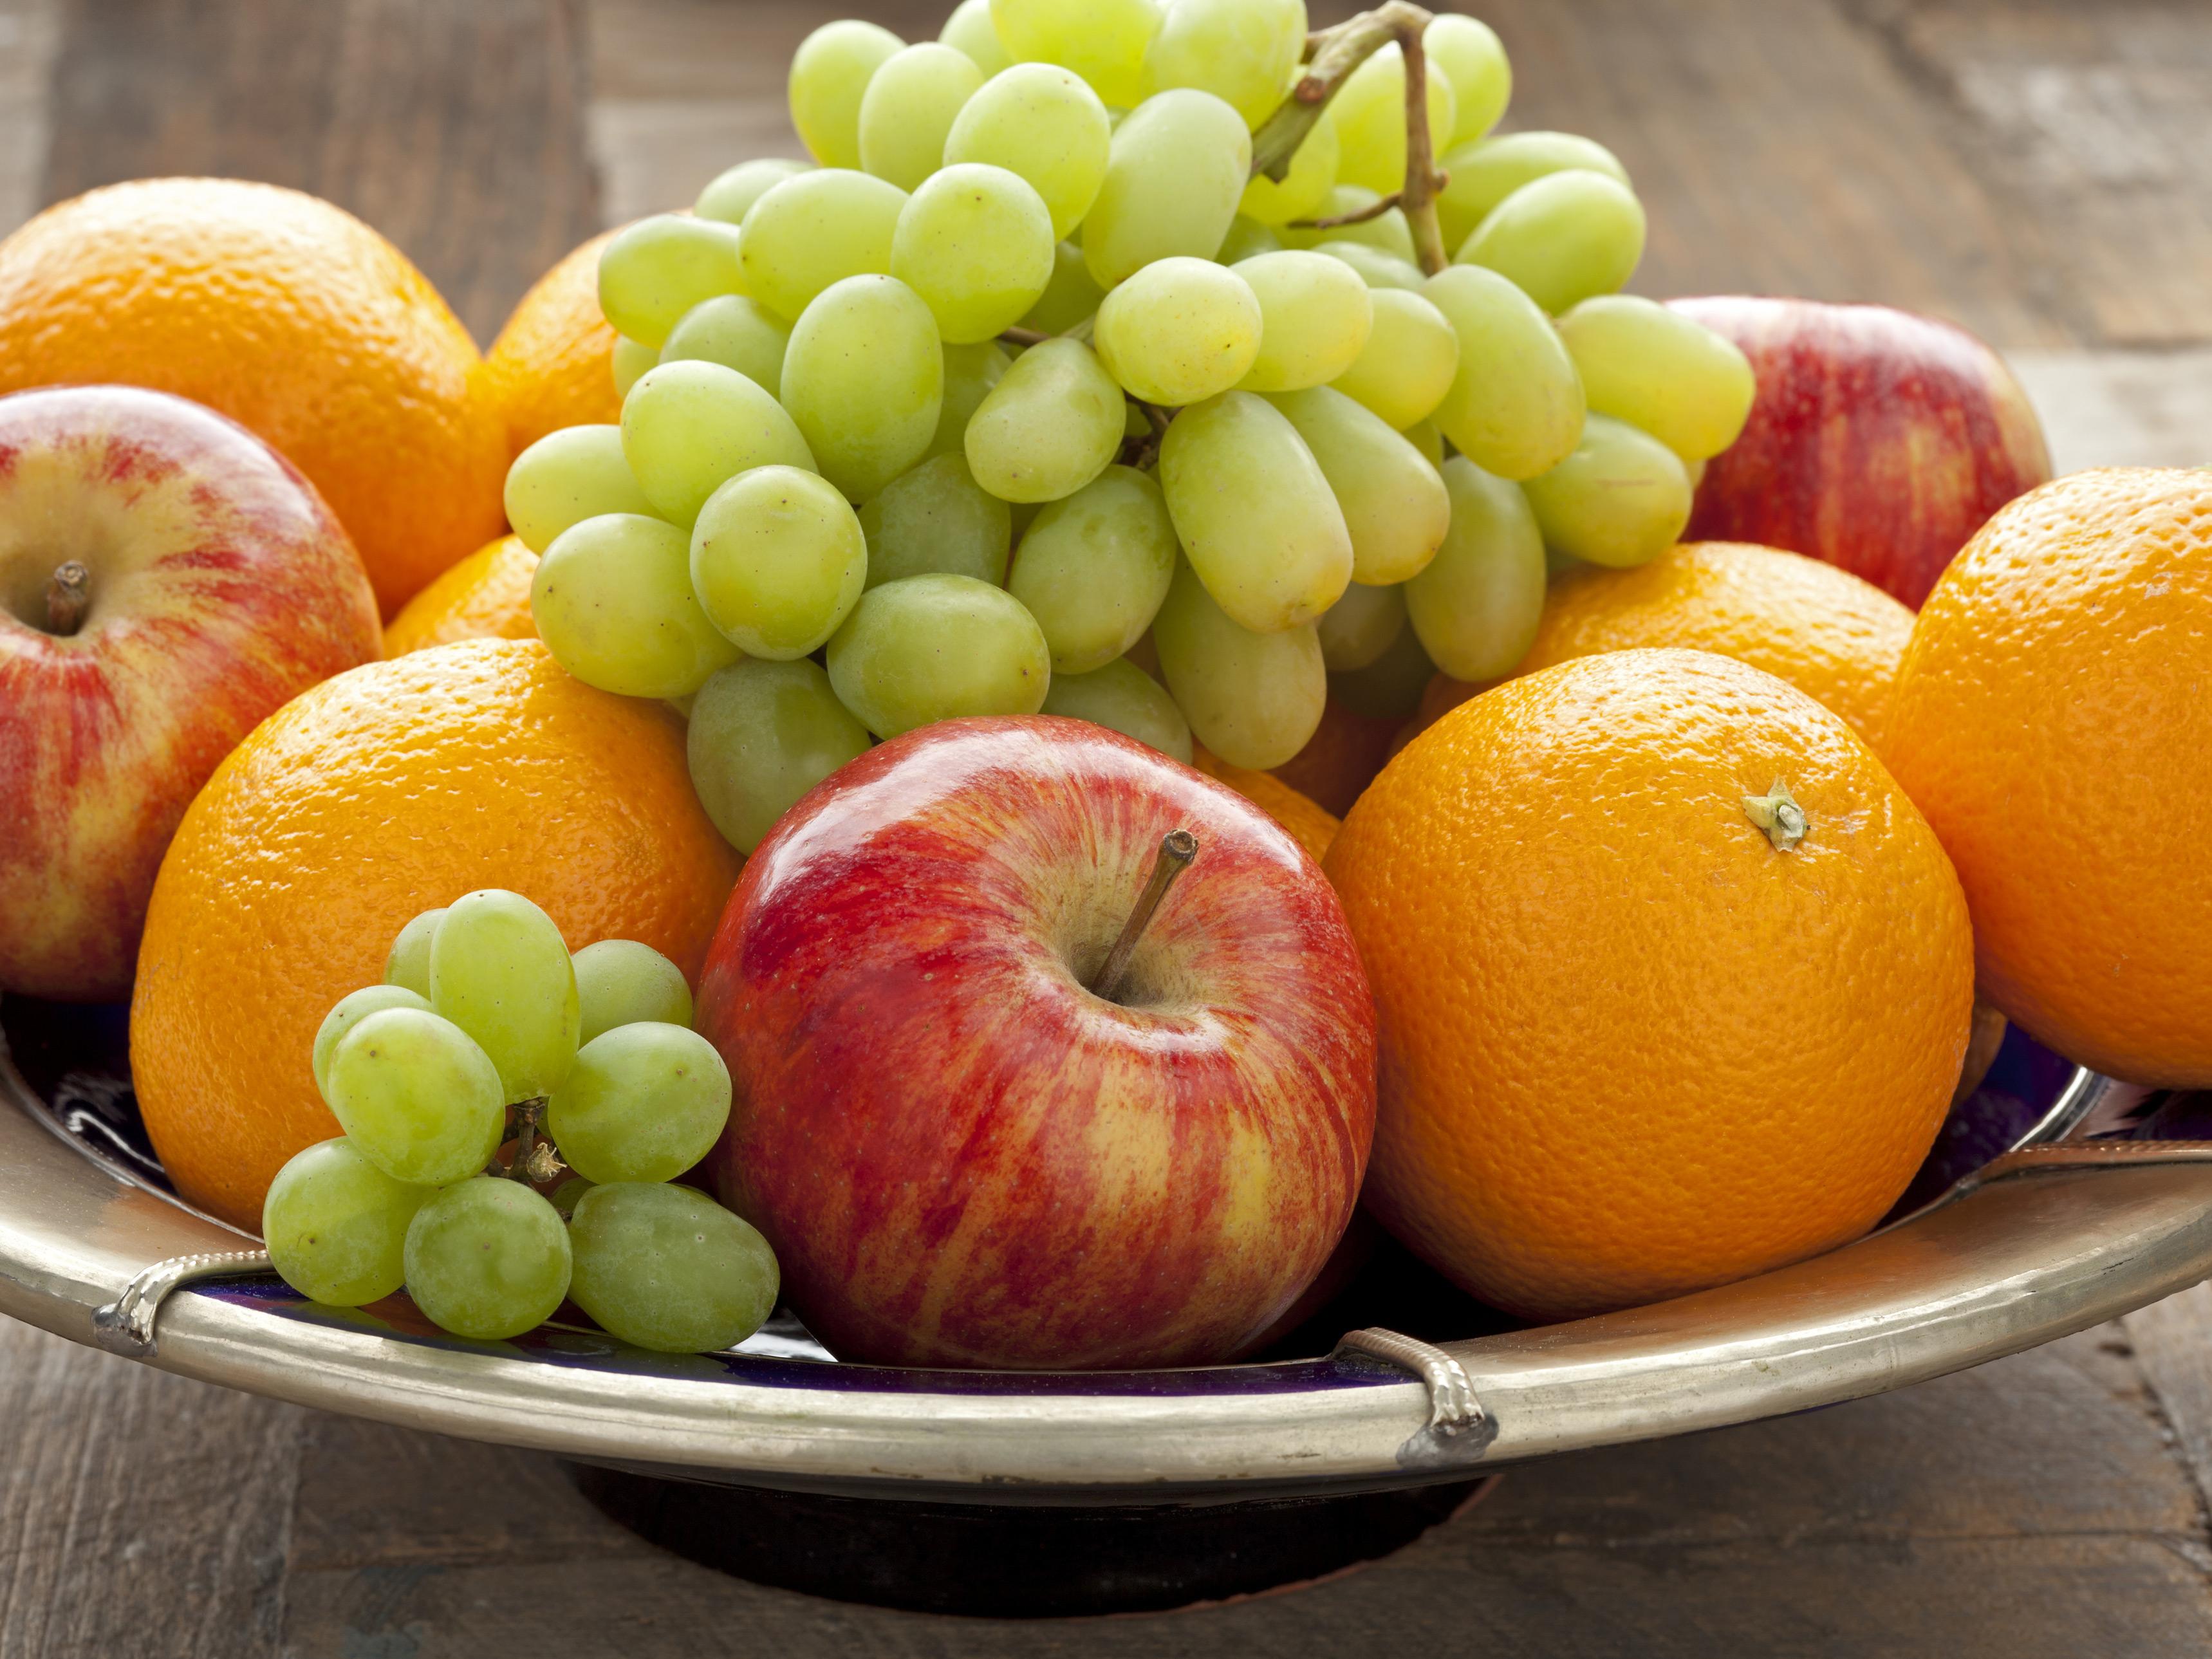 This superfruit trumps medicine